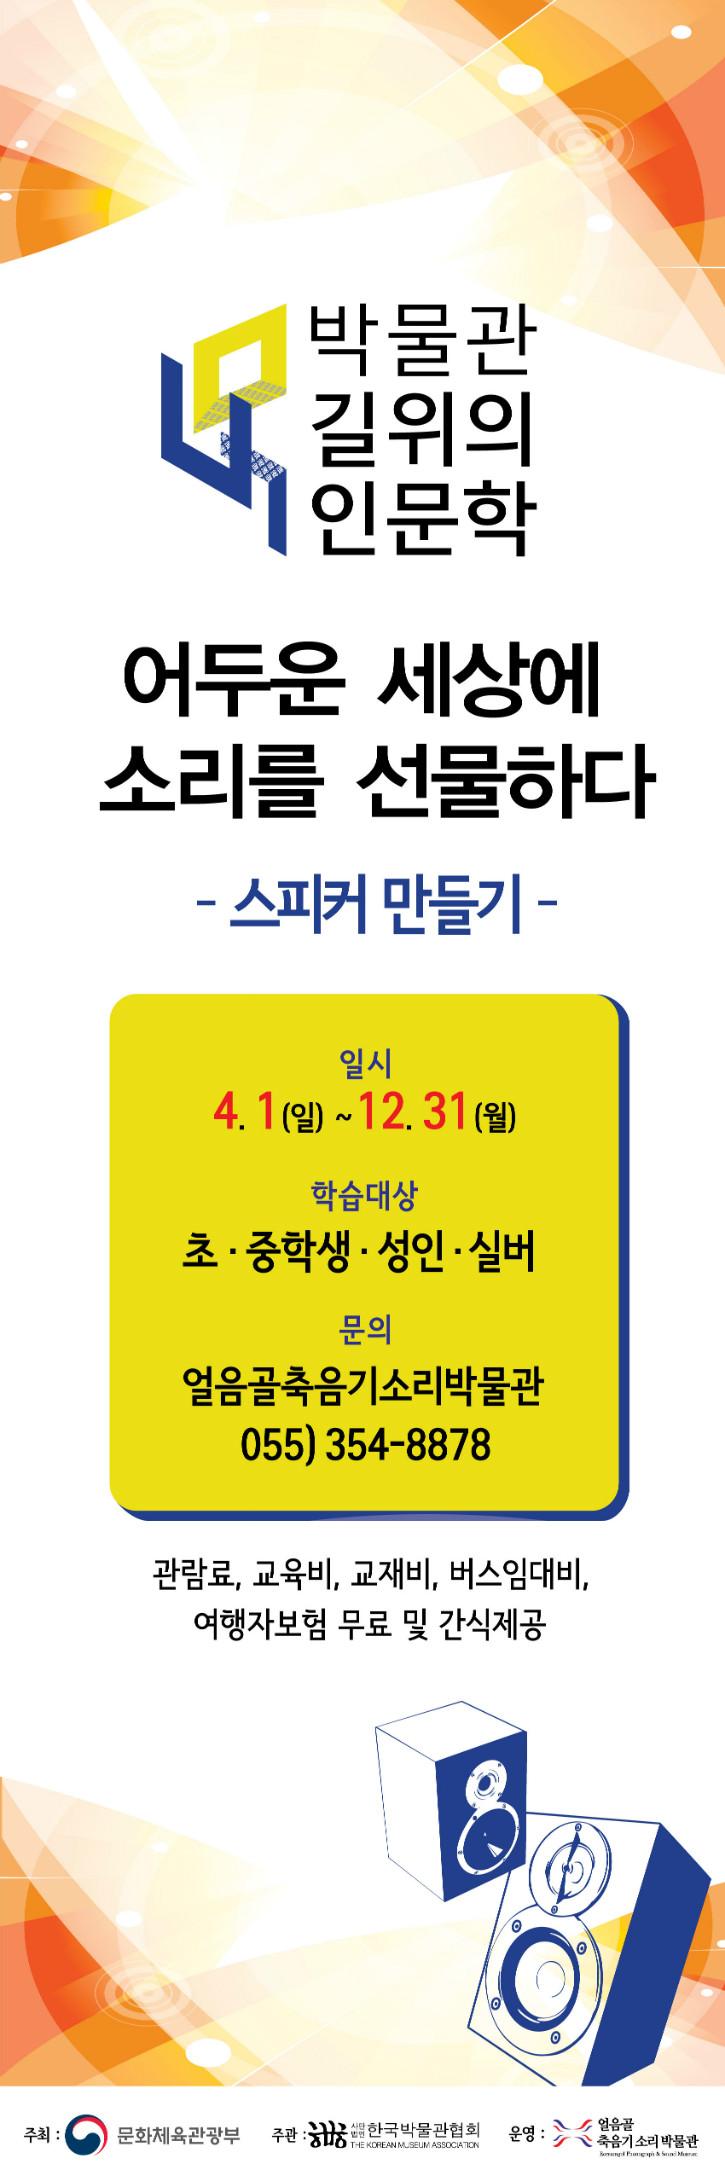 20180522-길위의인문학-배너(600x1800).jpg